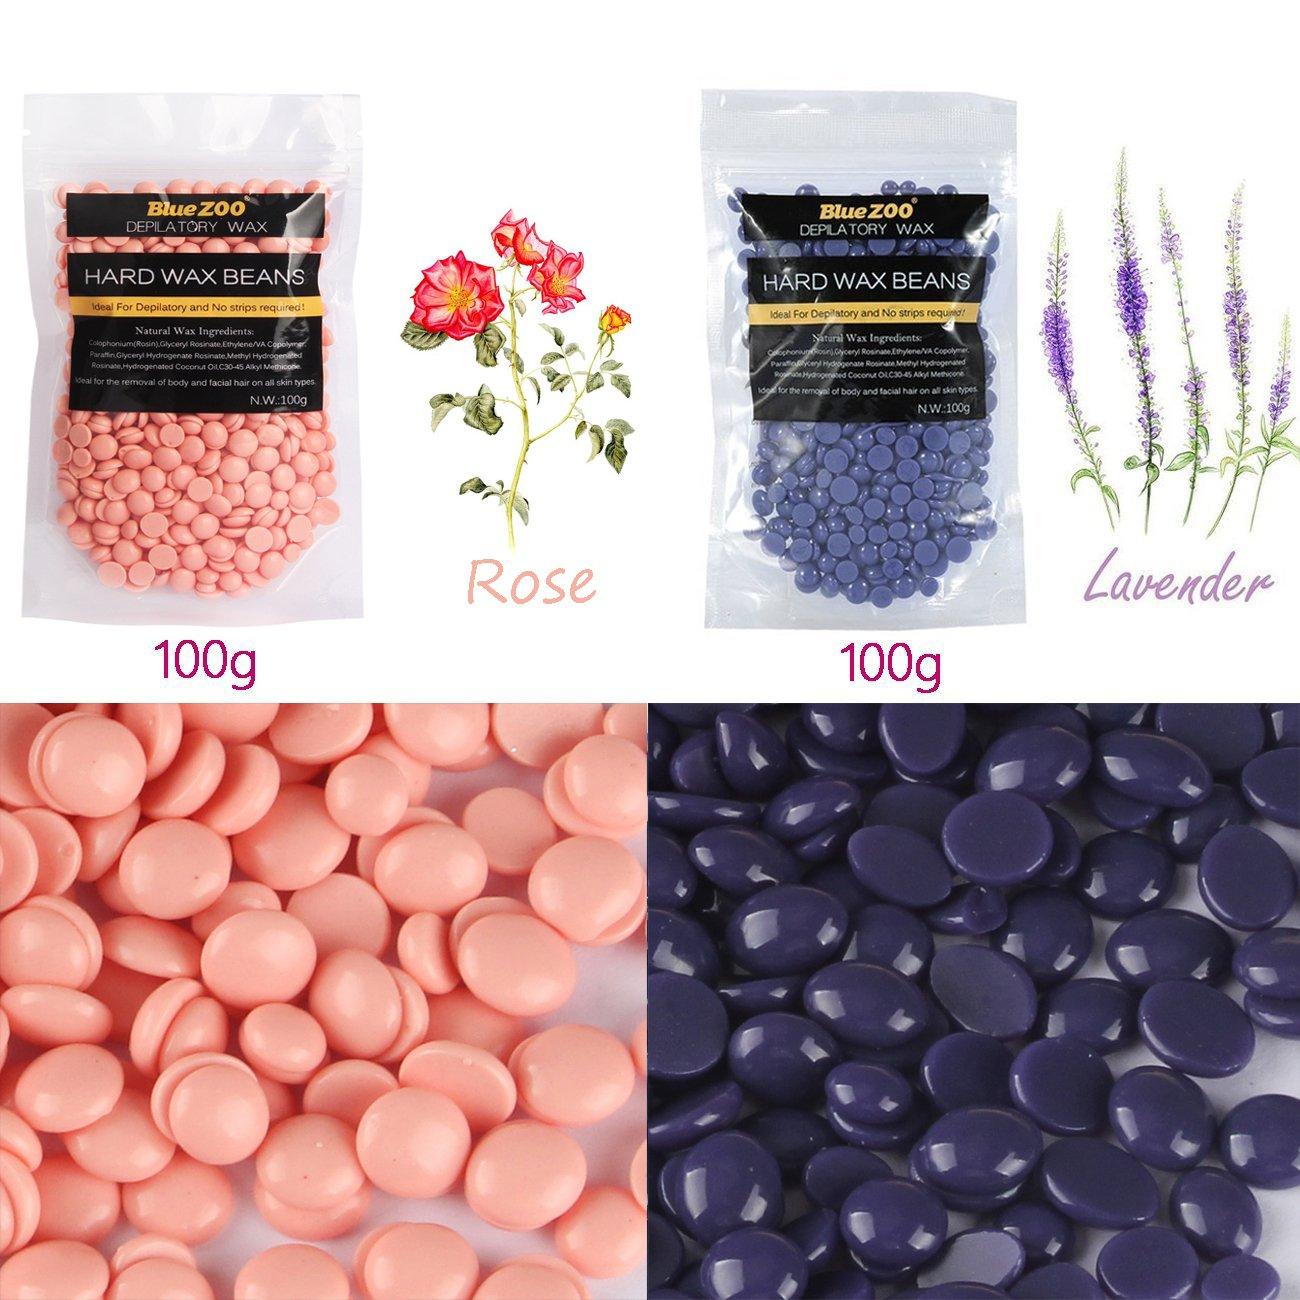 Calentador de cera depilatoria + 10 espátulas de madera + 2 bolsas de perlas de cera: Amazon.es: Belleza